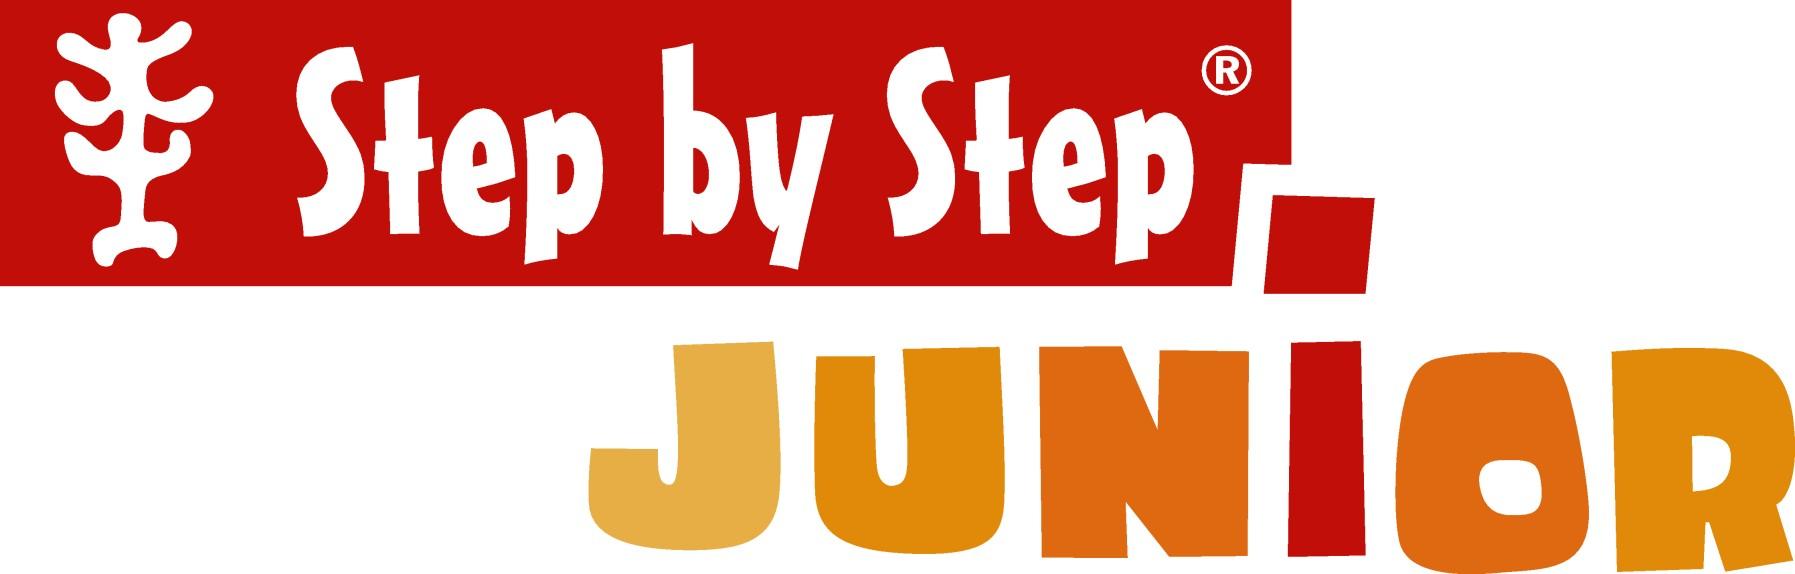 SbS_JUNIOR_Logo_4c_304